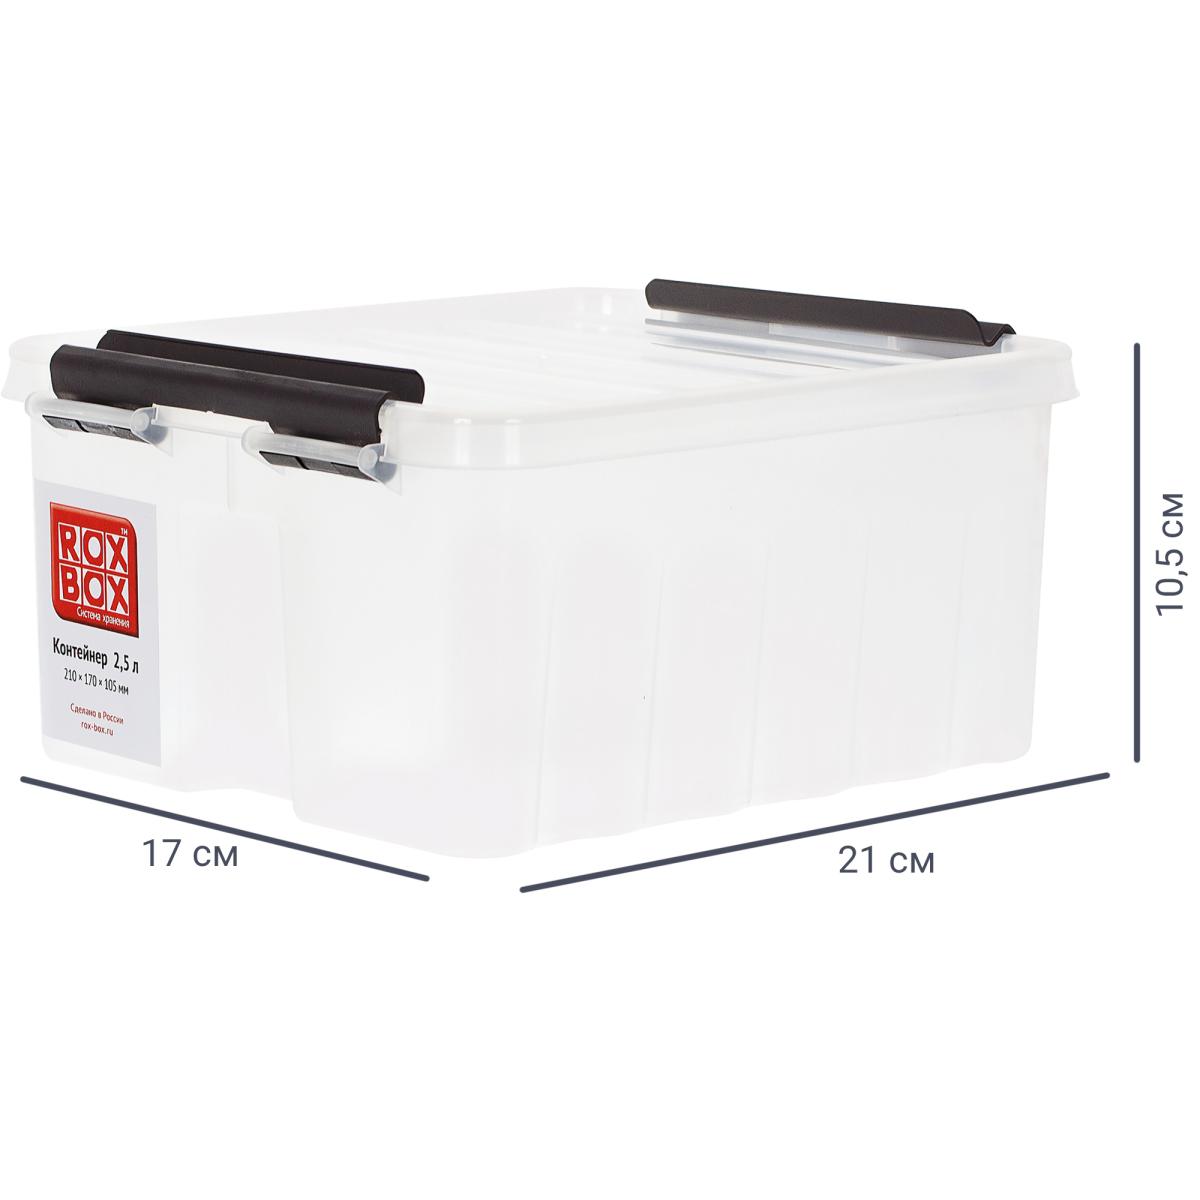 Контейнер Rox Box 21х17x10.5 см 2.5 л пластик цвет прозрачный  с крышкой